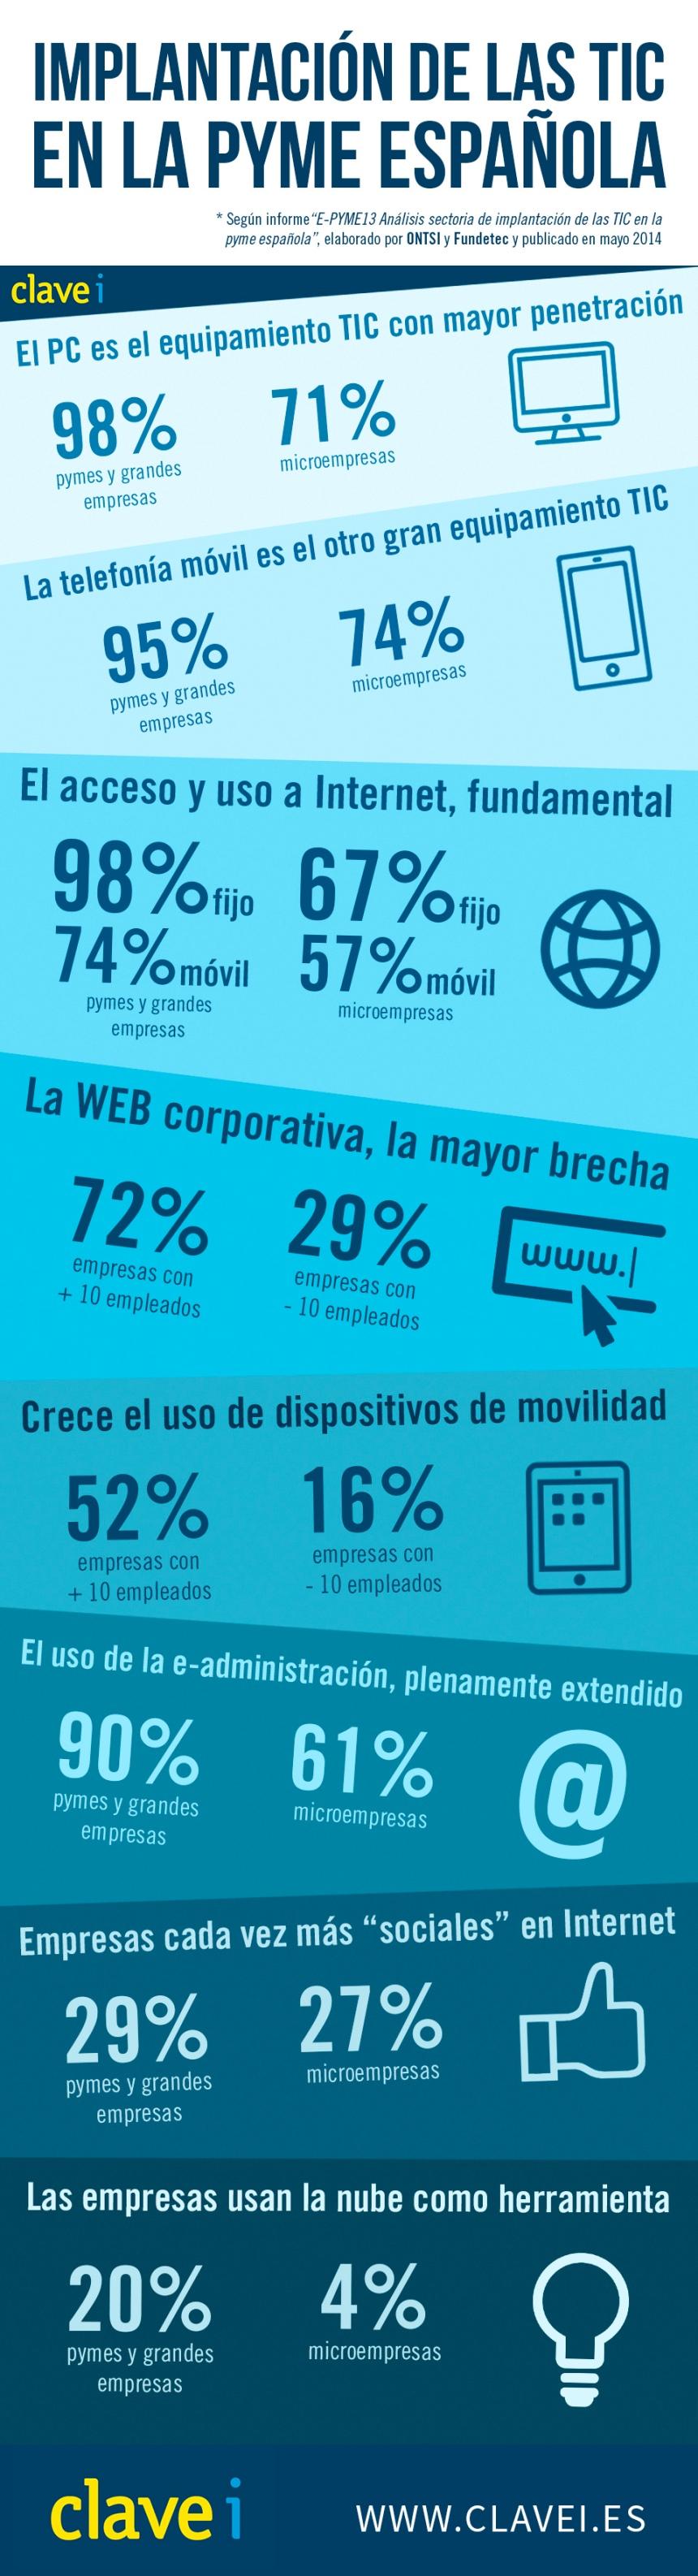 Implantación del las TIC en la pyme española